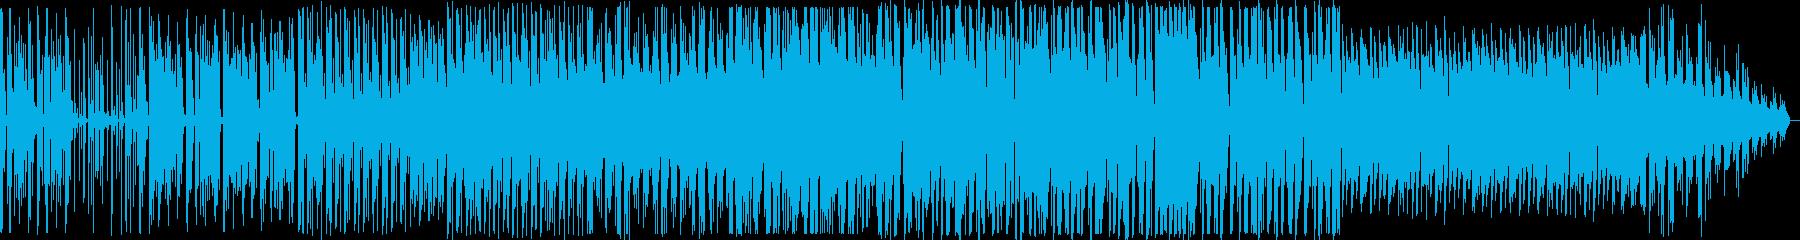 ダンス テクノロジー 科学の再生済みの波形